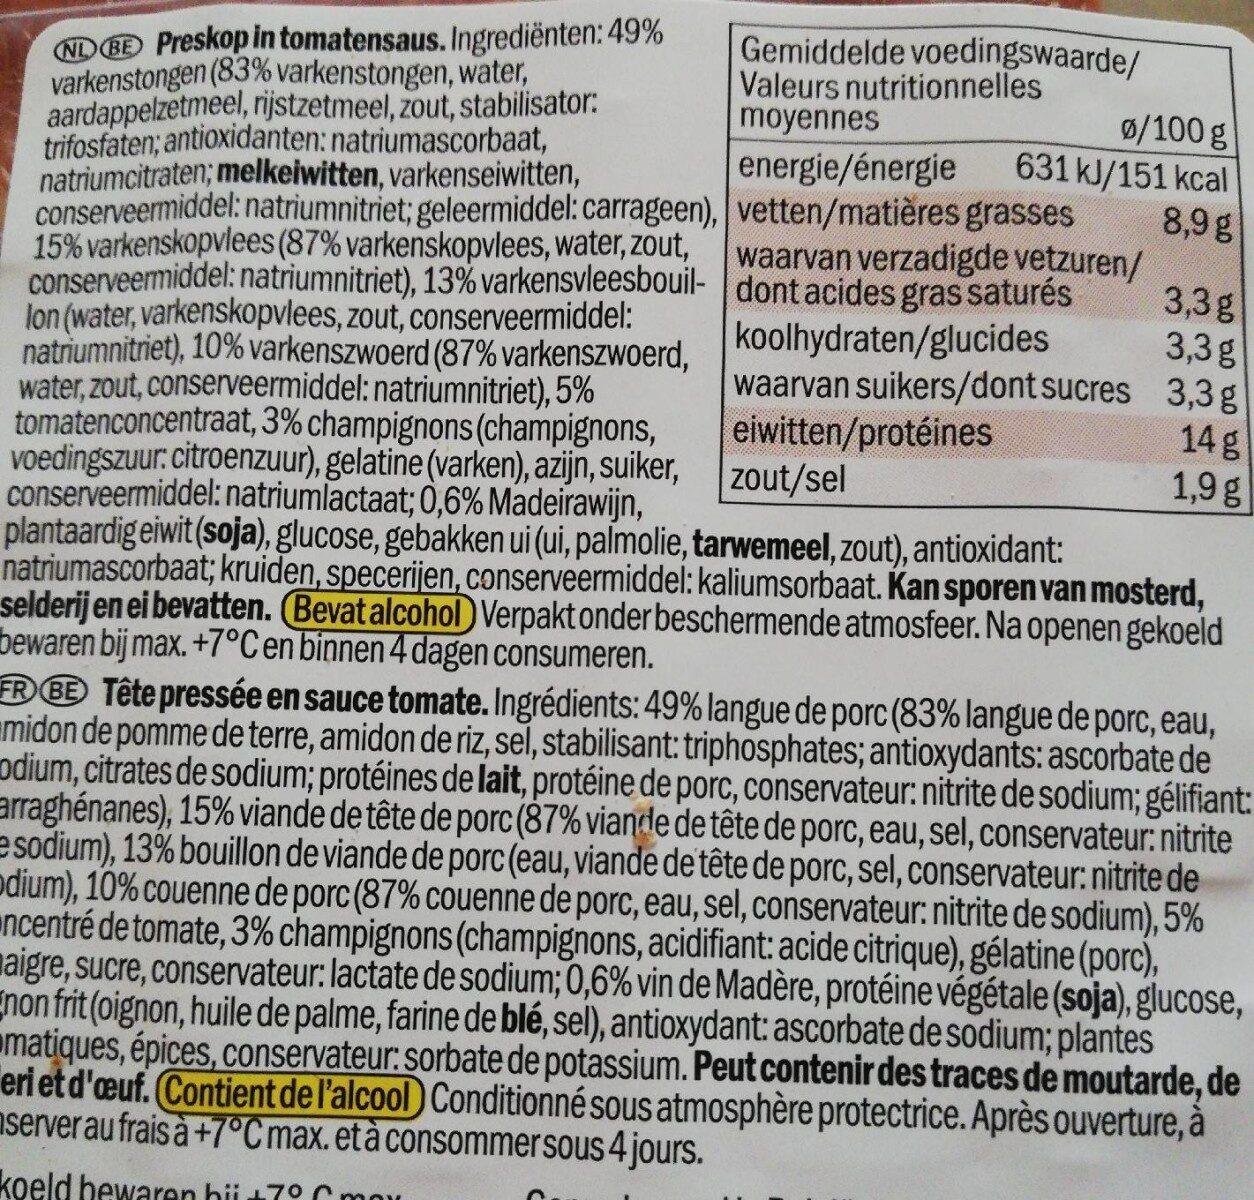 Tête pressée sauce tomate - Ingredients - fr